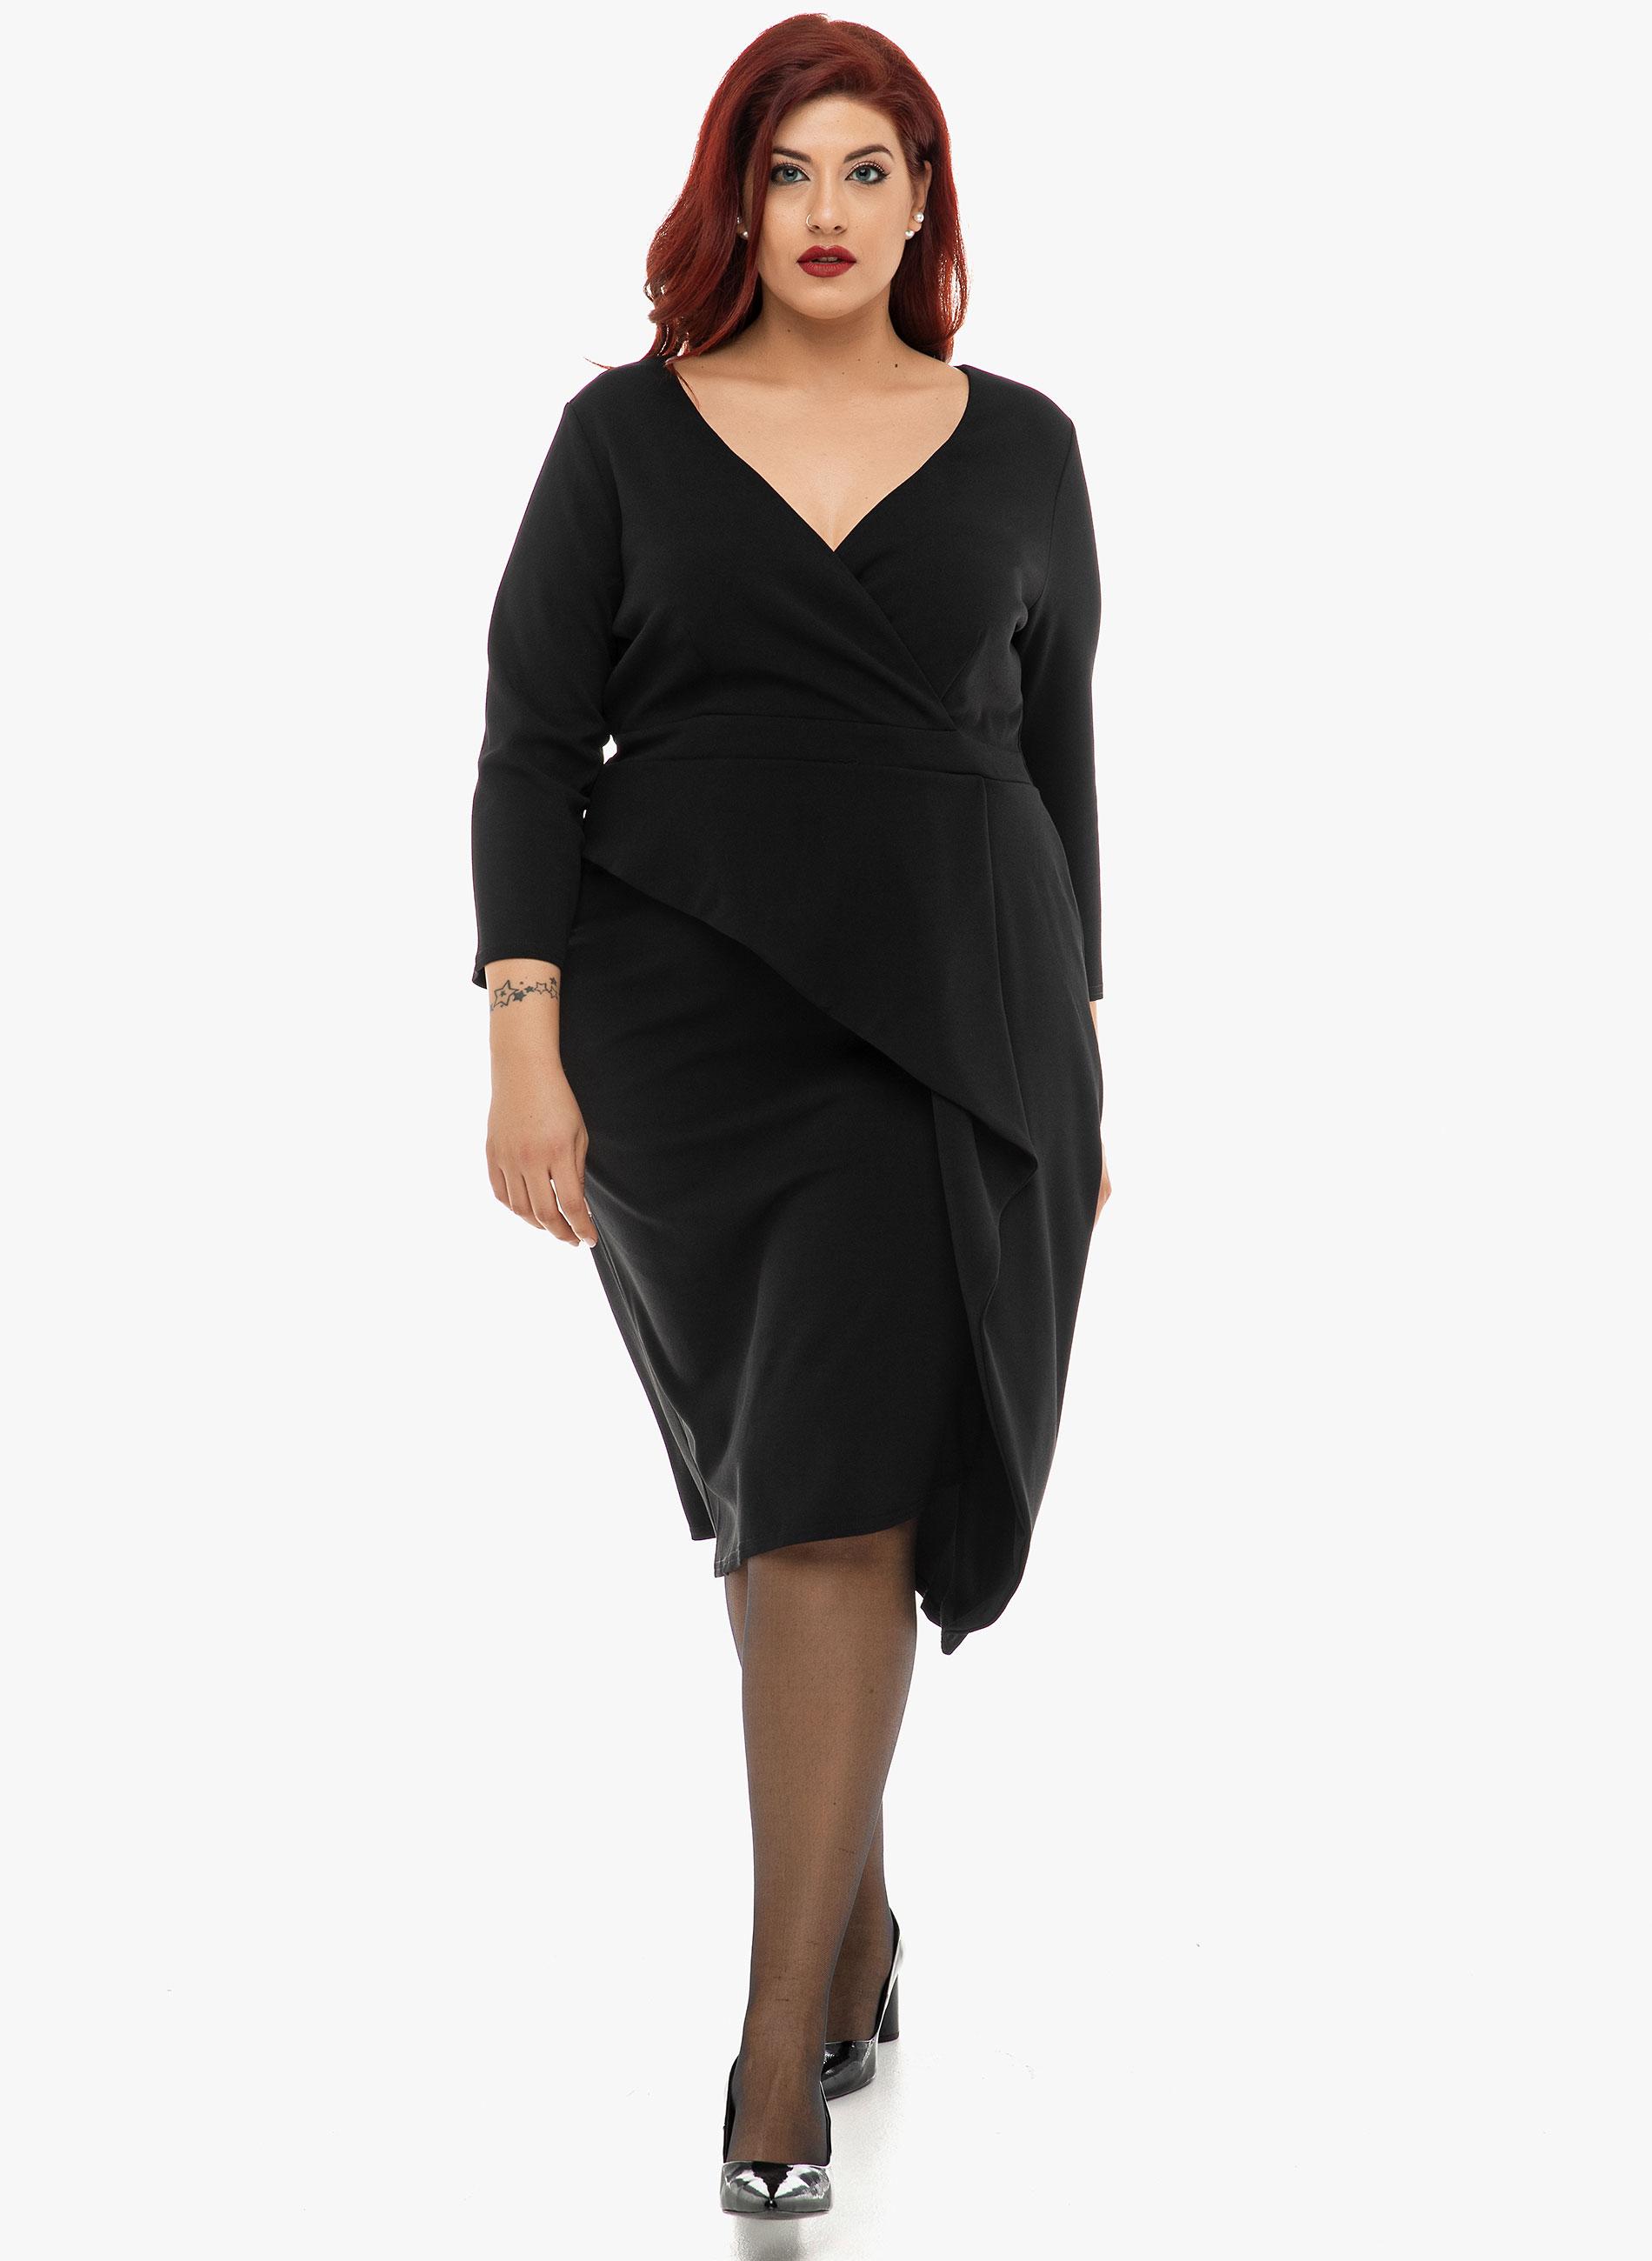 Φόρεμα Μαύρο Μίντι Fold Over